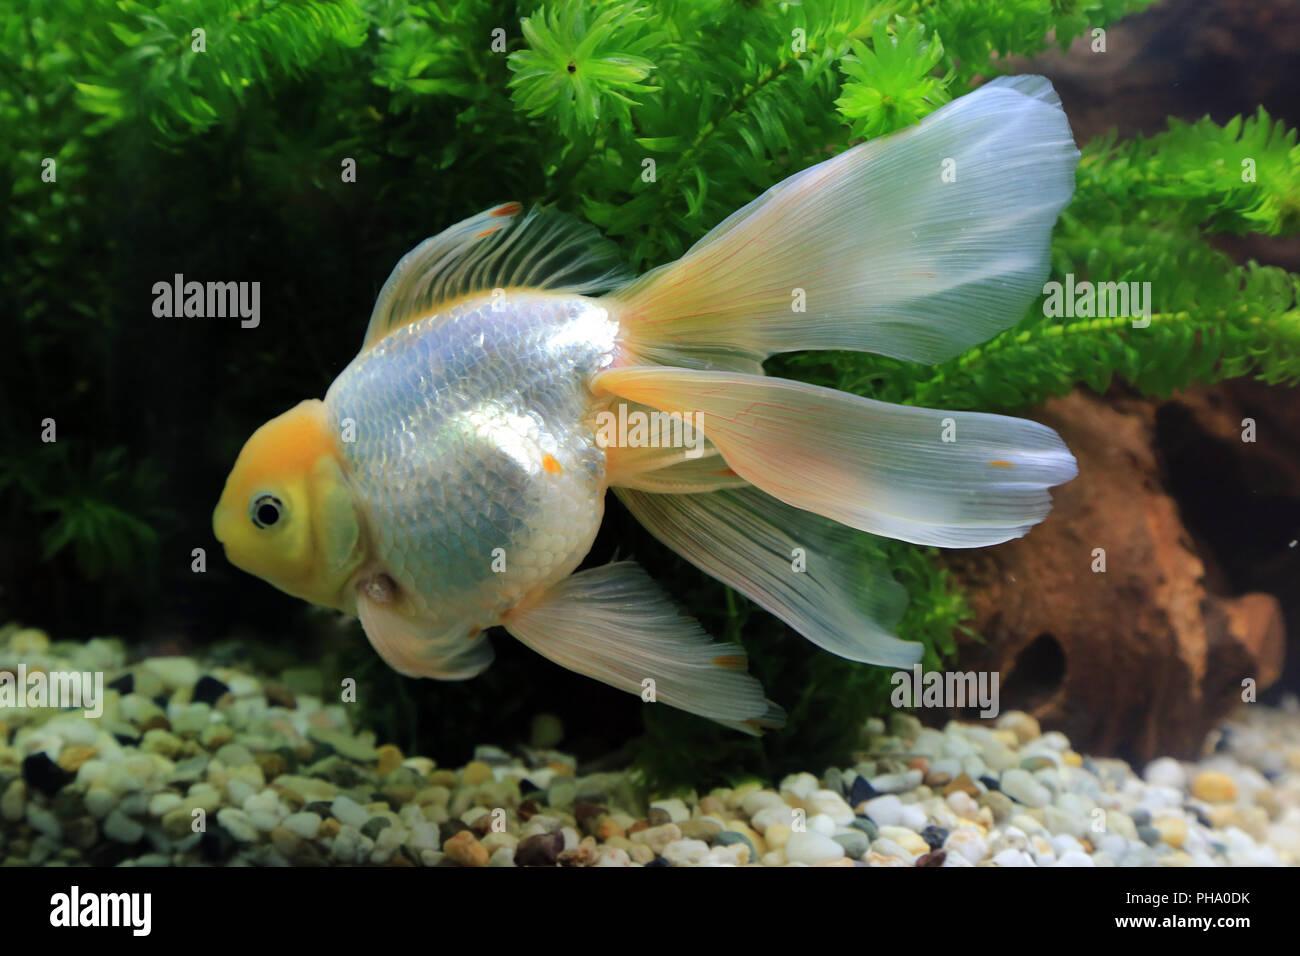 Goldfish Oranda, Carassius auratus Stock Photo